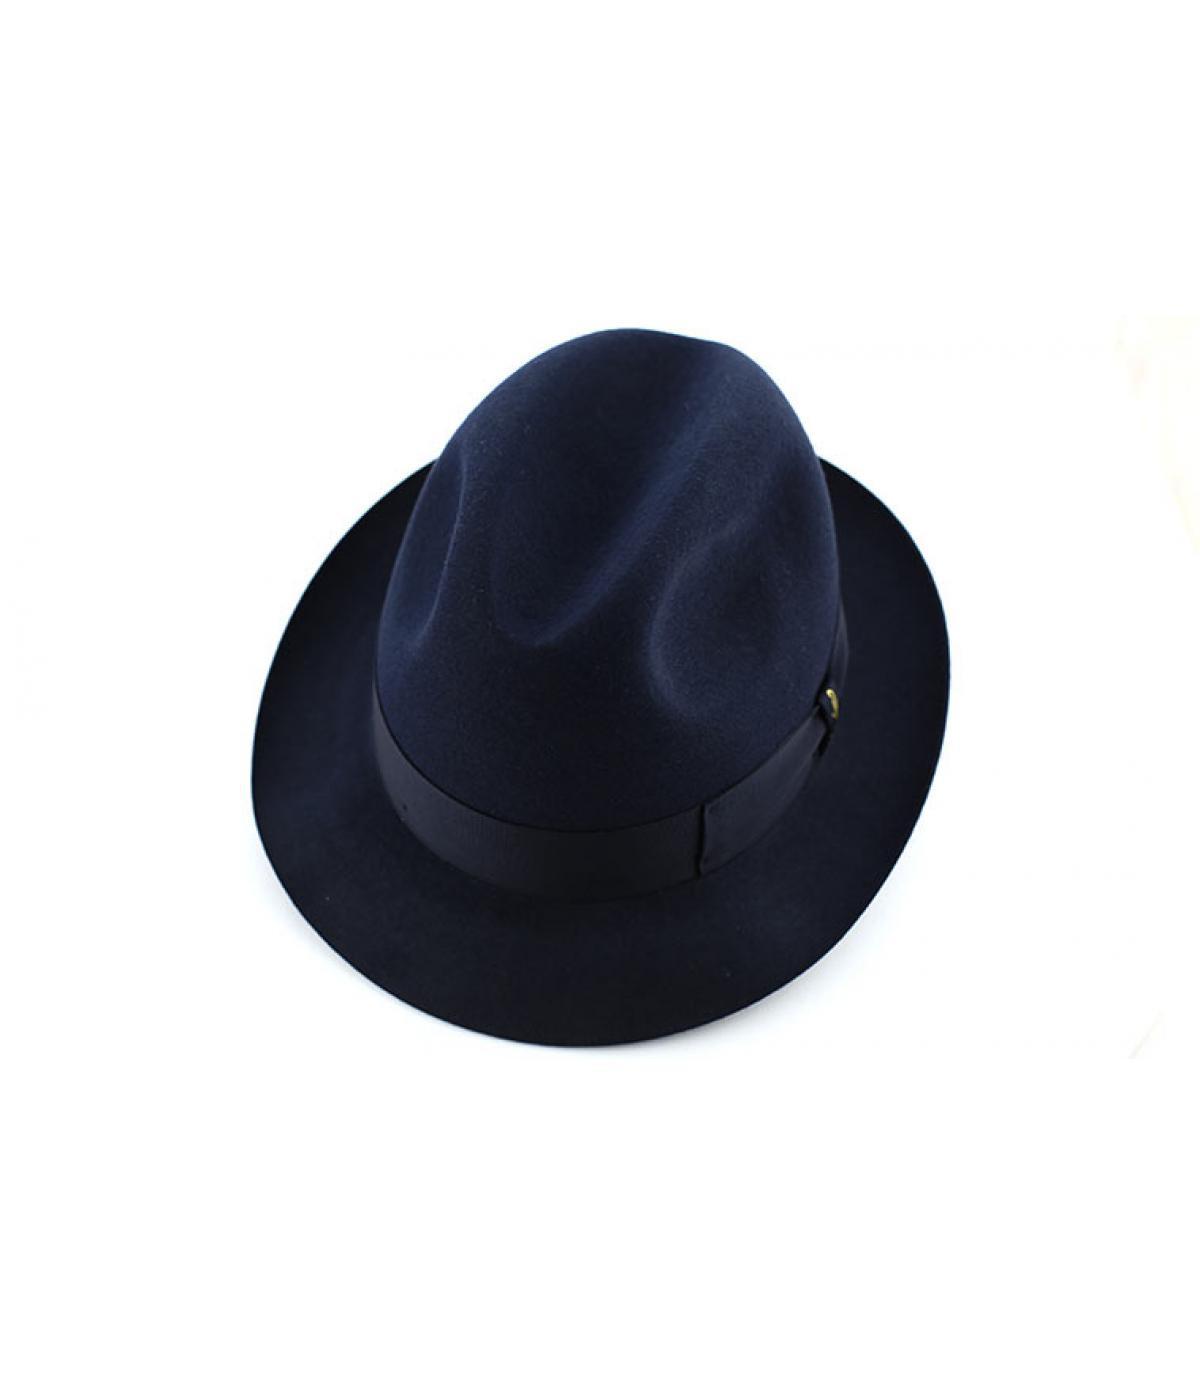 Details Marengo navy fur felt hat - afbeeling 3